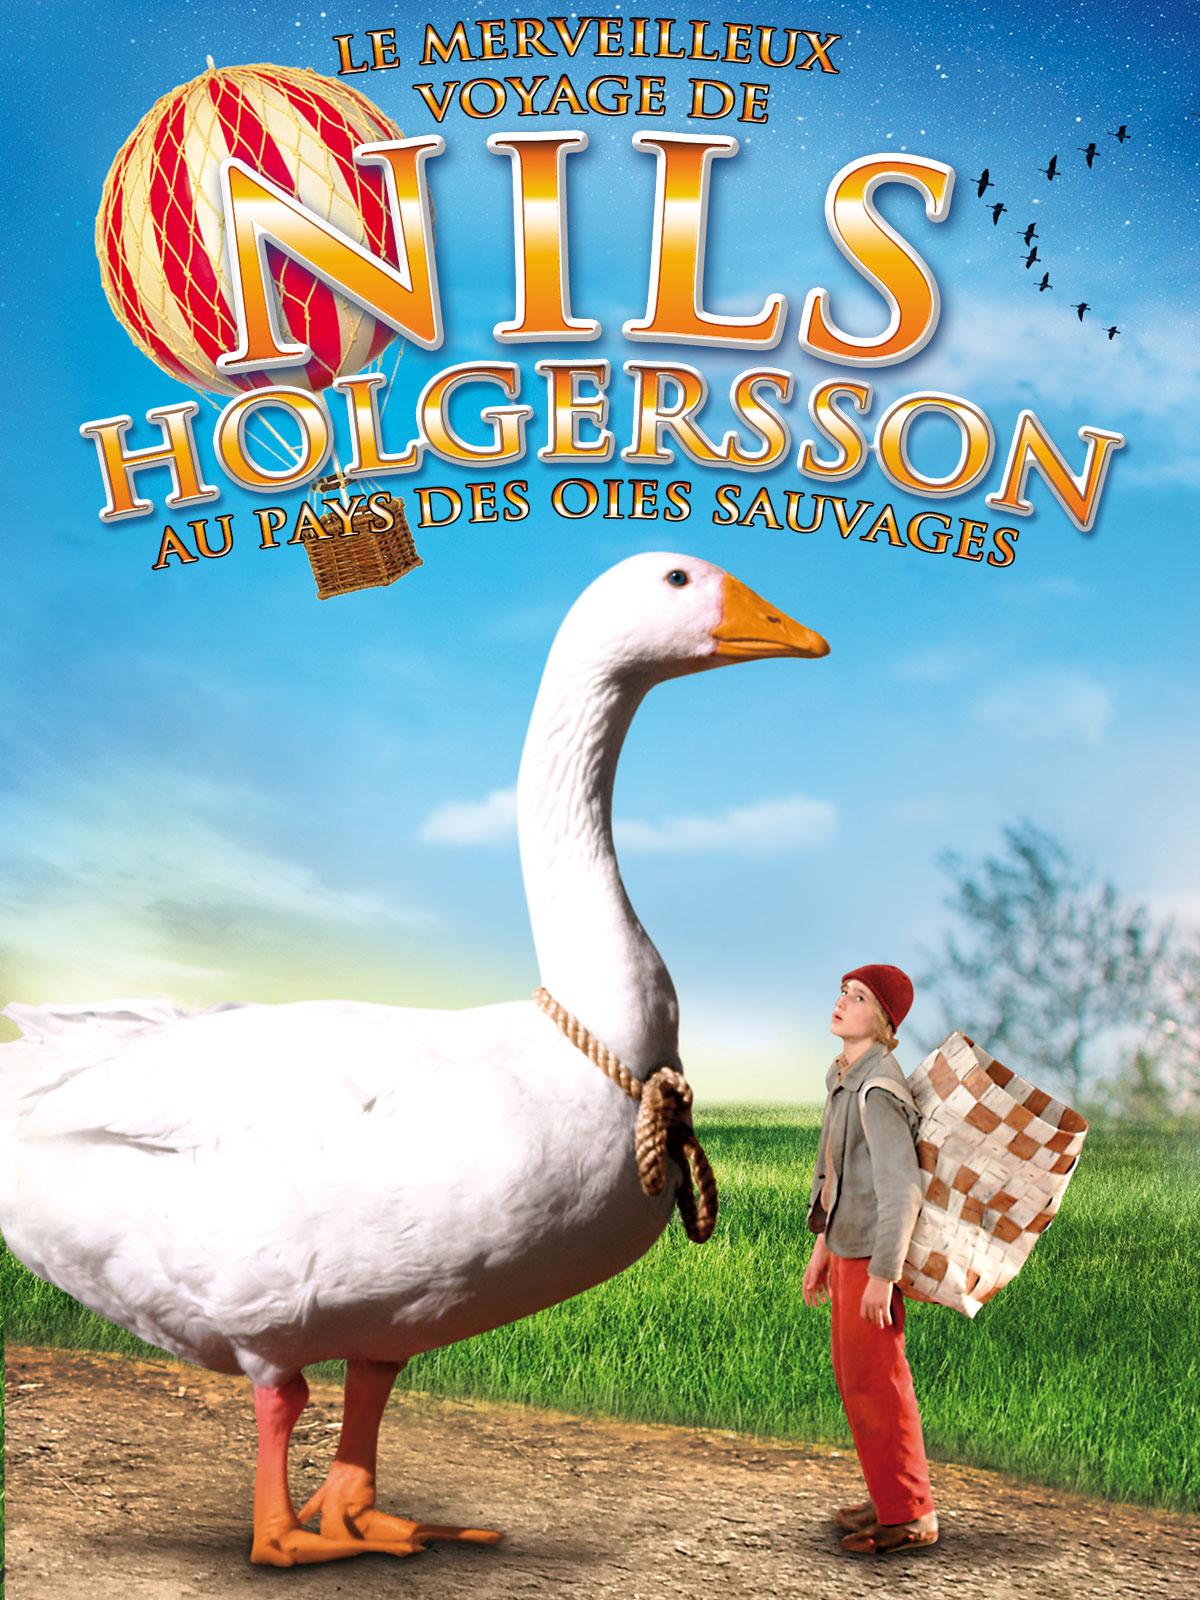 Le Merveilleux voyage de Nils Holgersson au pays des oies sauvages | Regel, Dirk (Réalisateur)